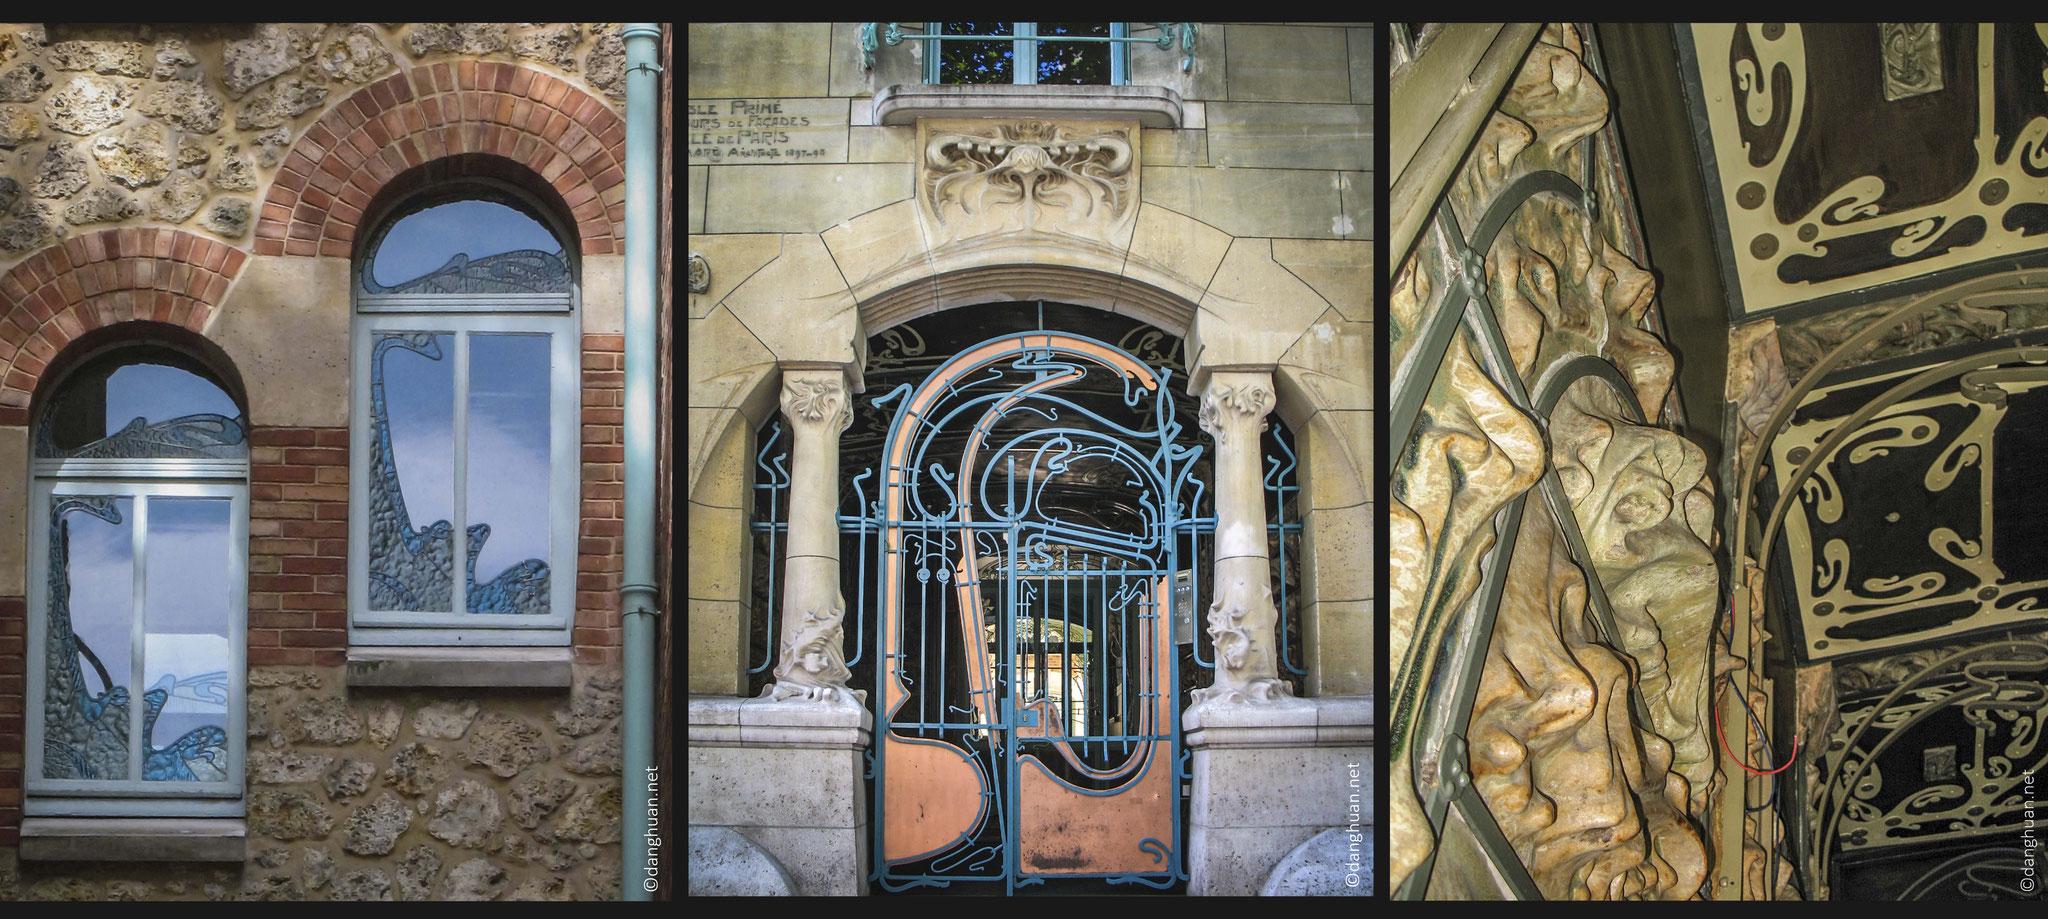 Le Castel Beranger (Guimard) - 14, rue La Fontaine et hameau Béranger, est un des chefs-d'œuvre majeurs de l'Art Nouveau Français construit entre 1895 et 1898